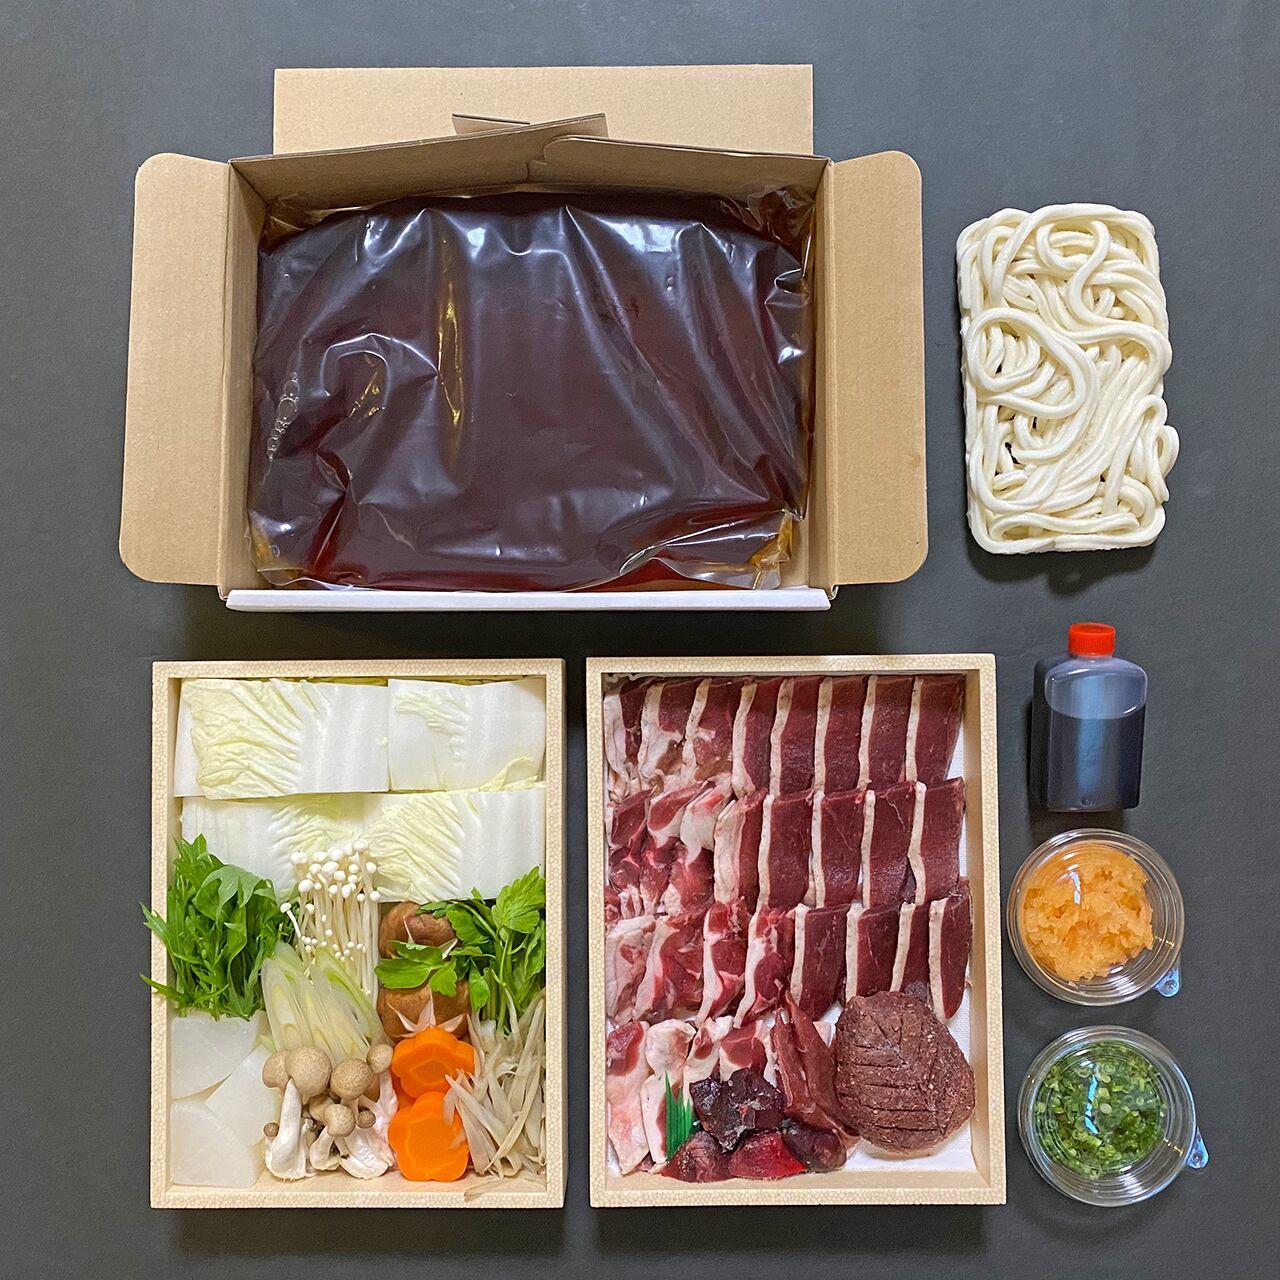 鴨なべ・野菜セット(2~3人前)